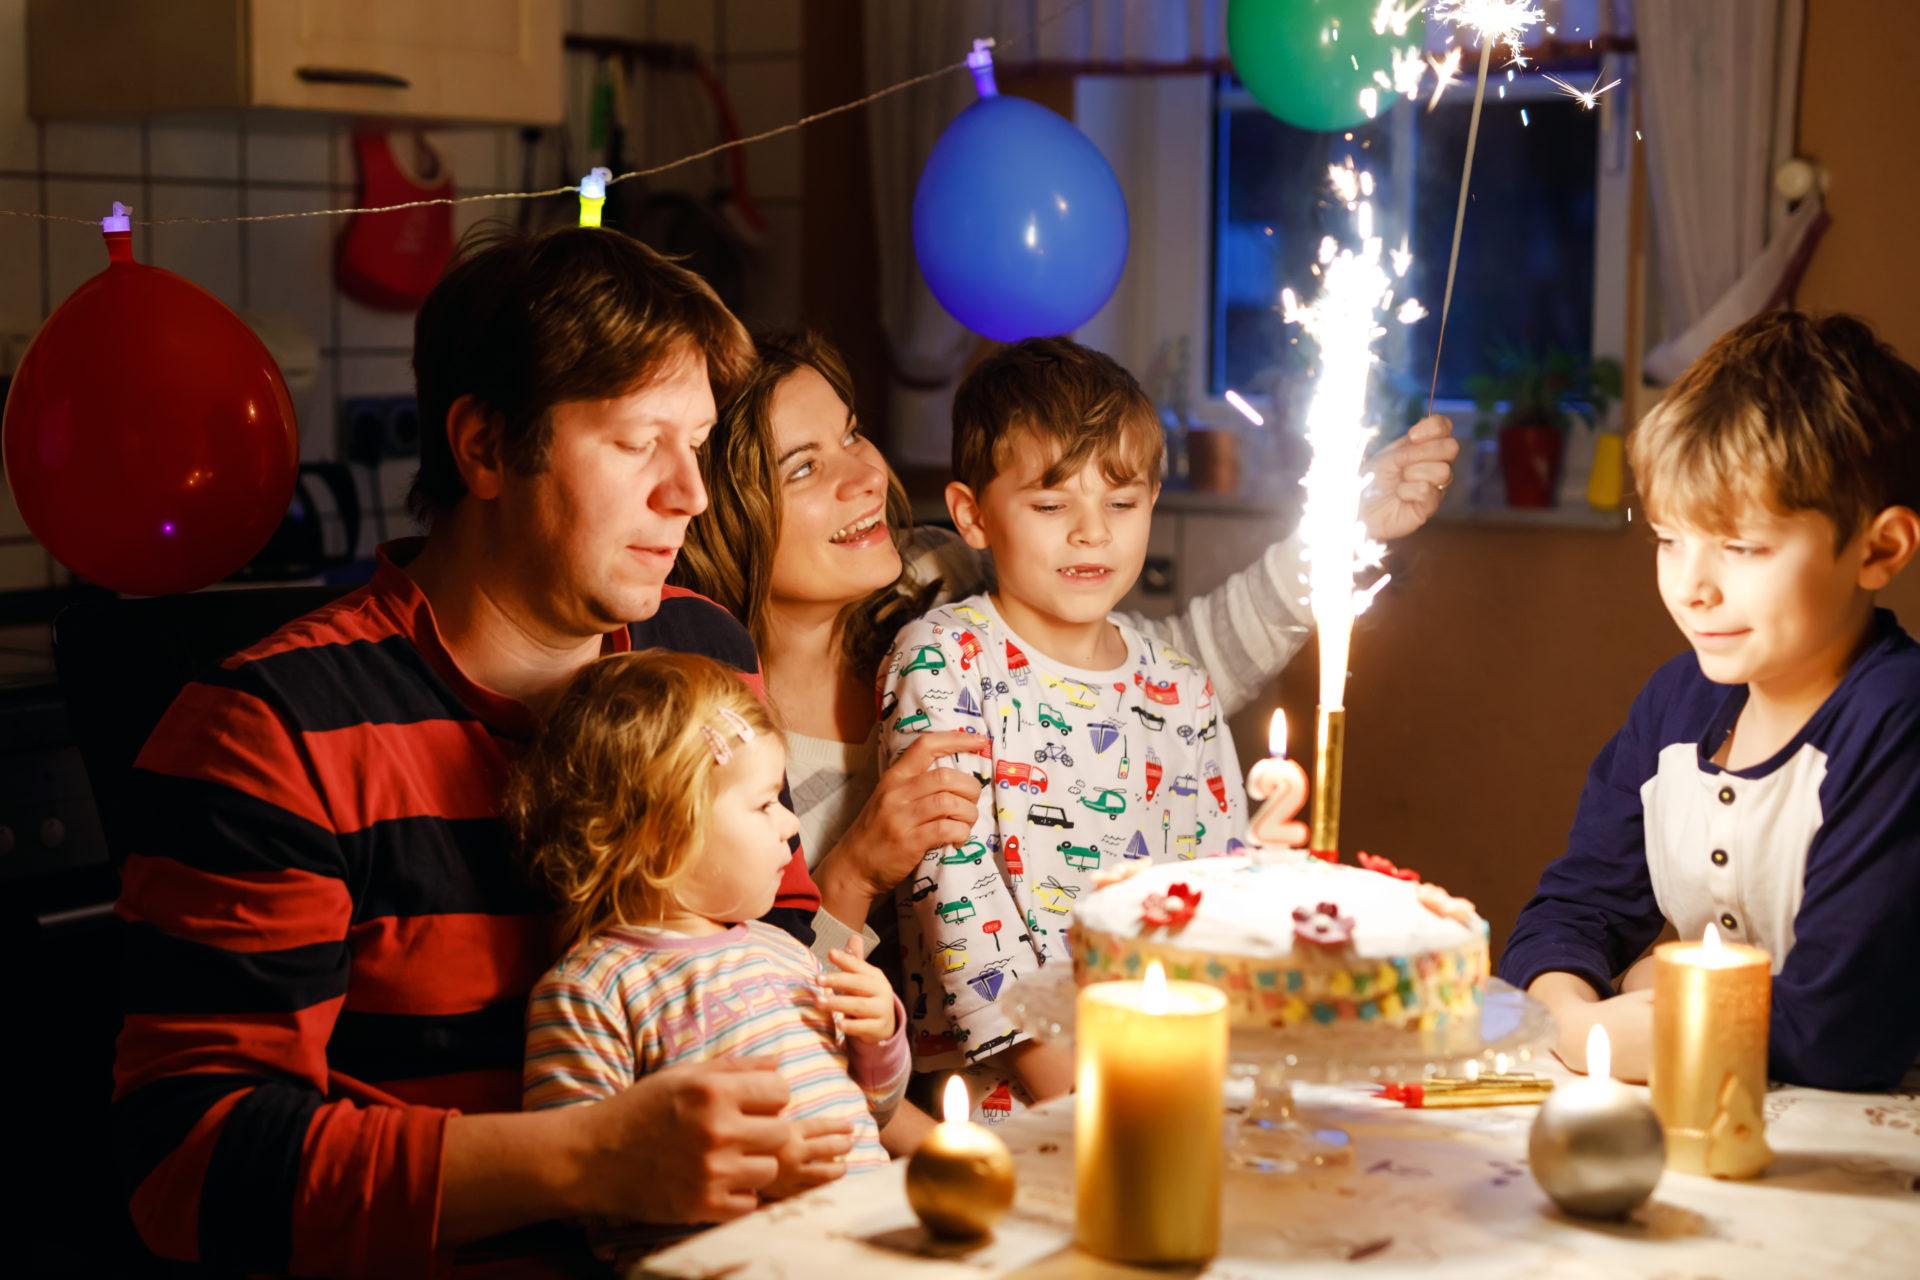 Impreza urodzinowa dla dziecka